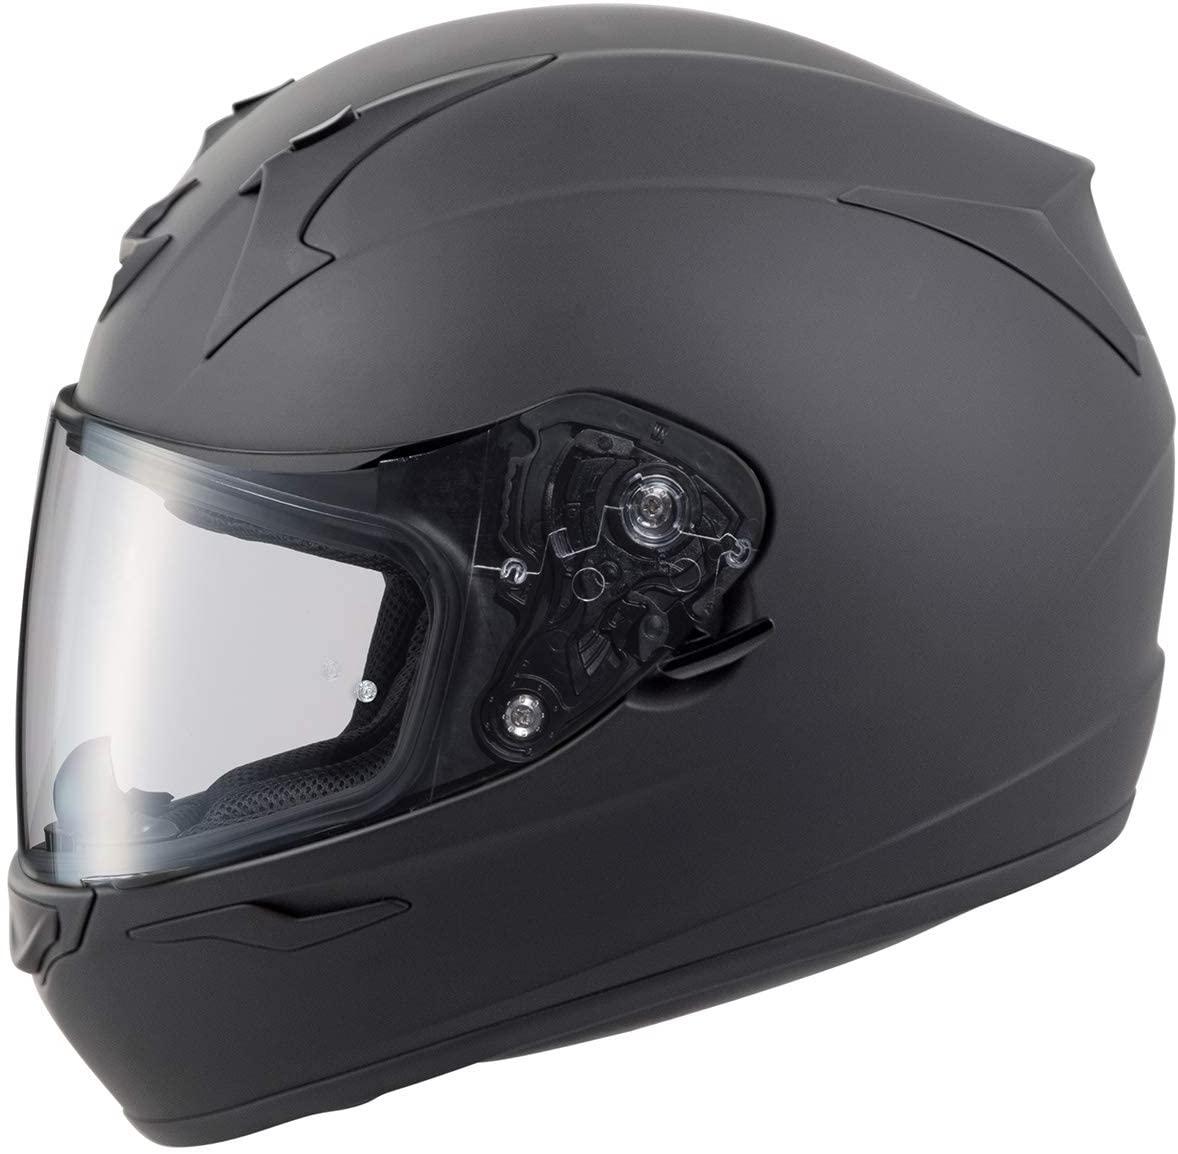 Scorpion EXO-R320 Solid Street Motorcycle Helmet - Matte Black/X-Large